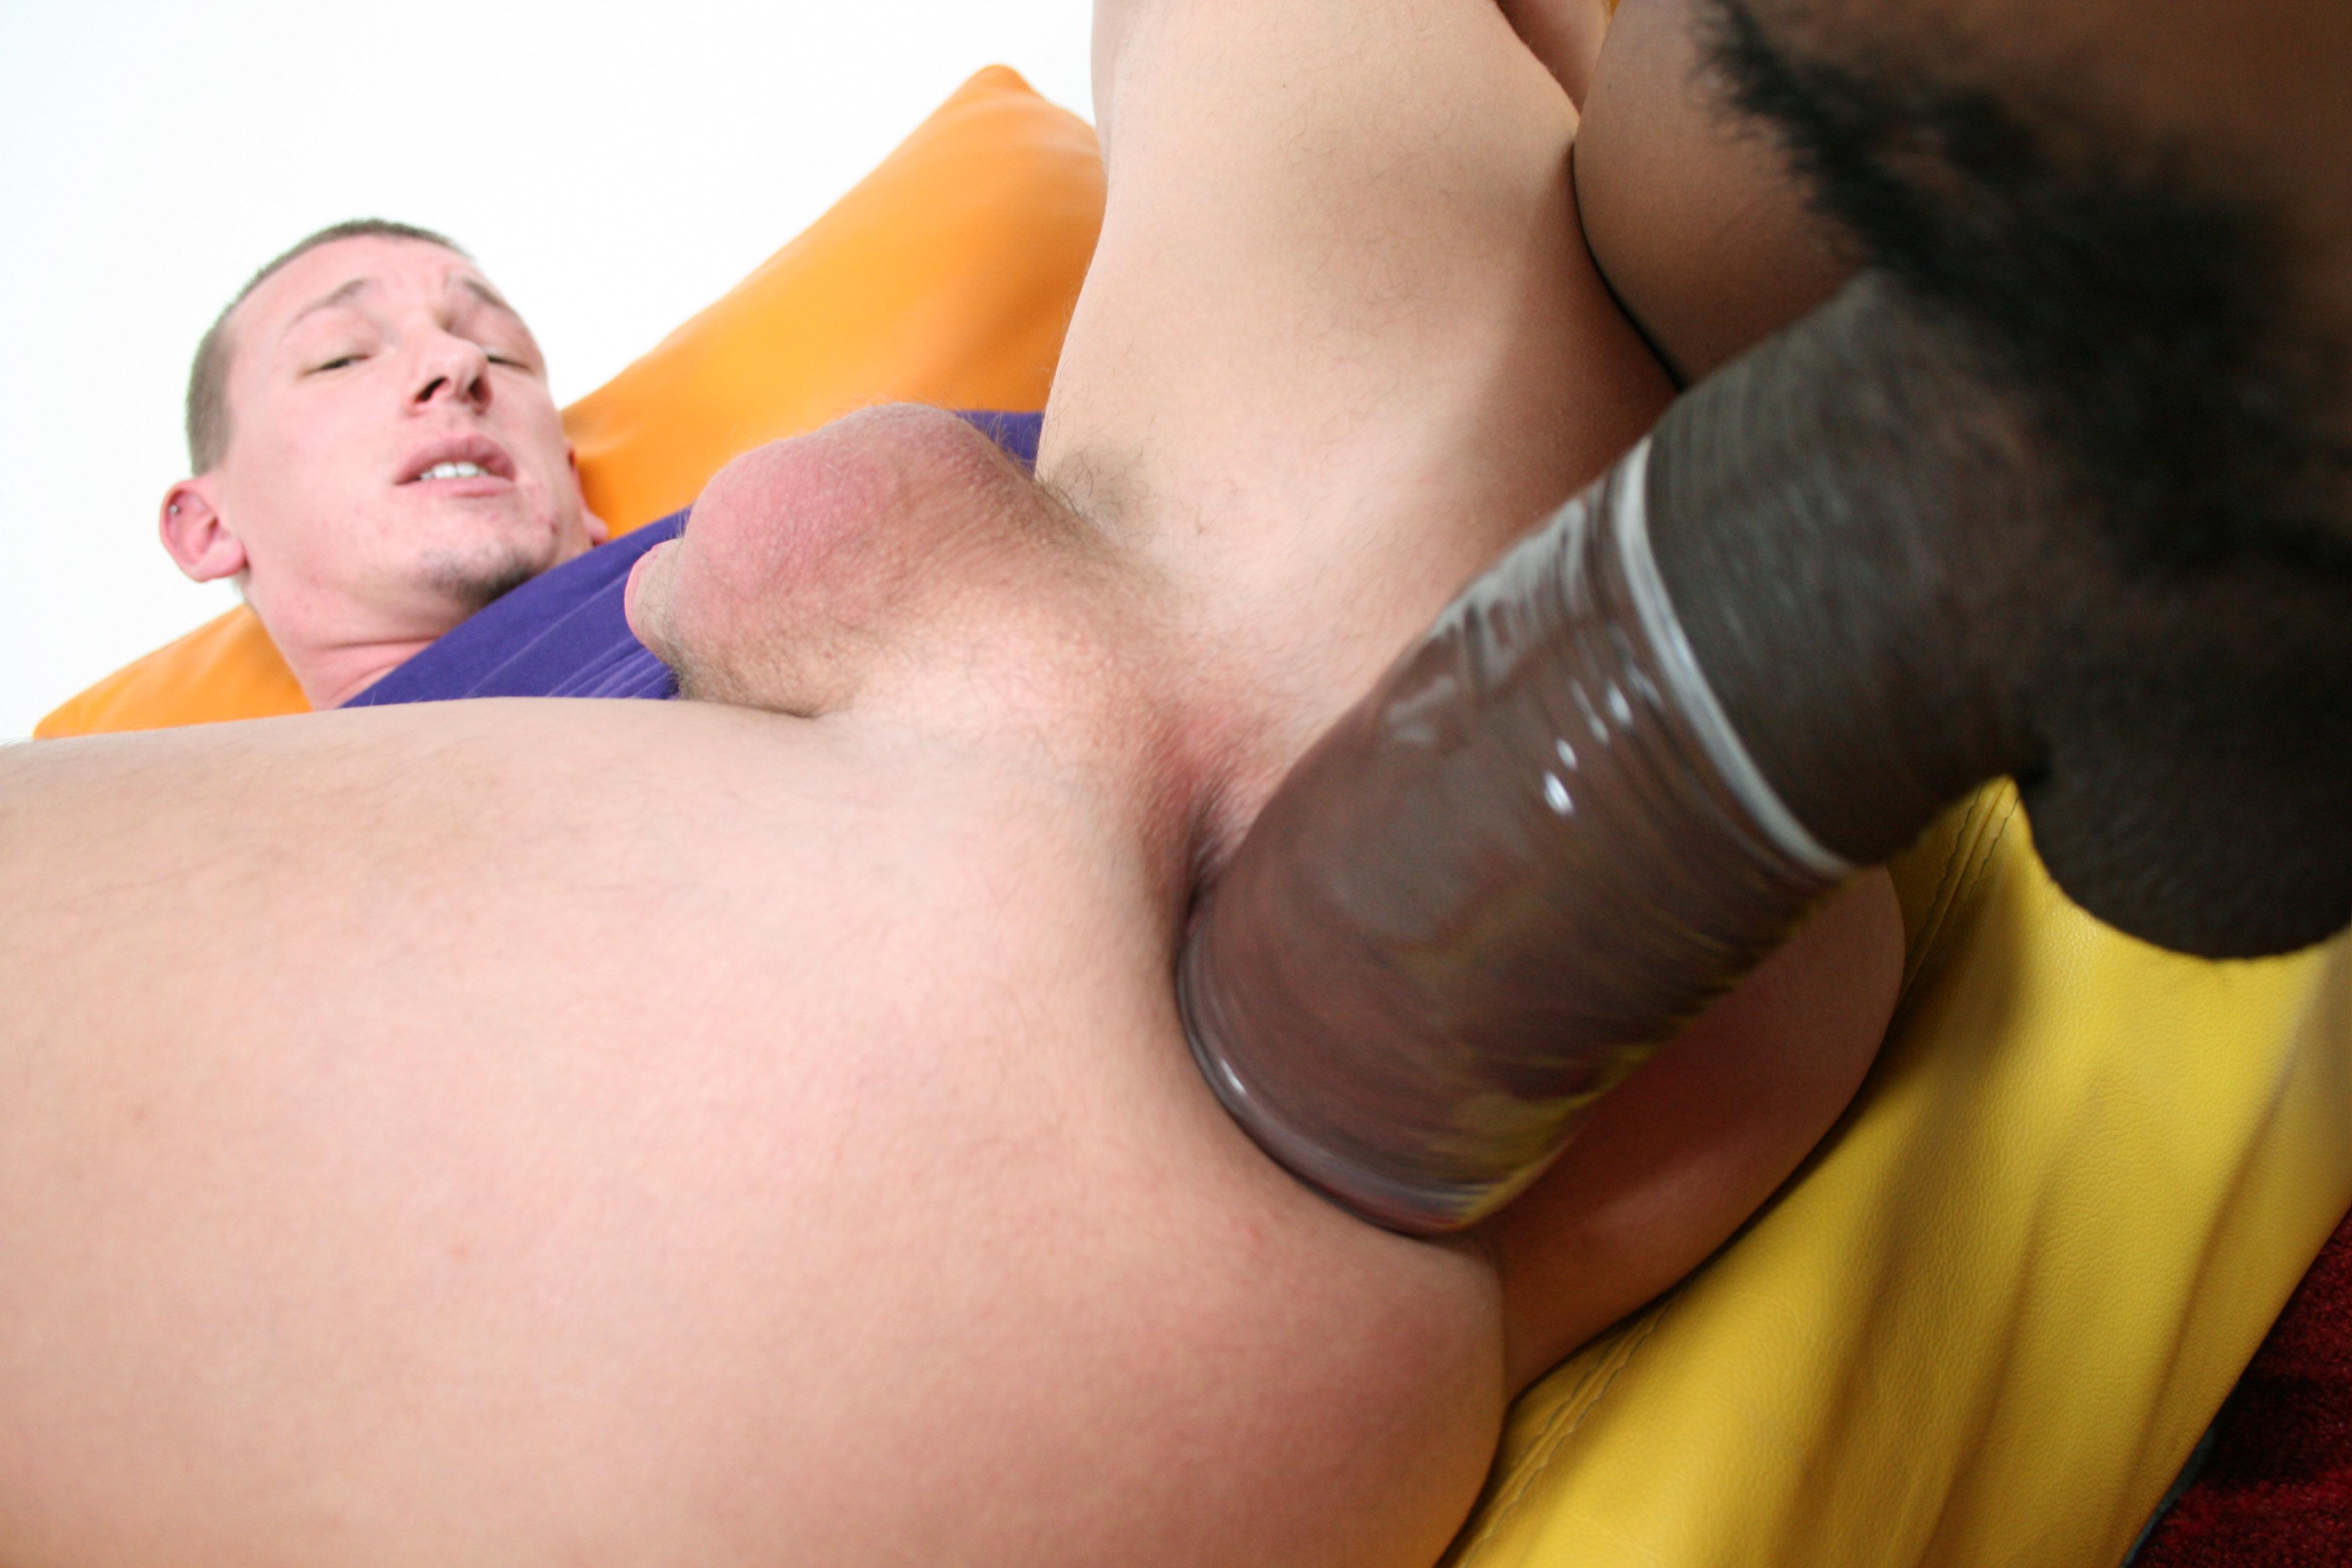 porno-chernie-giganti-seks-video-v-rabstve-u-zheni